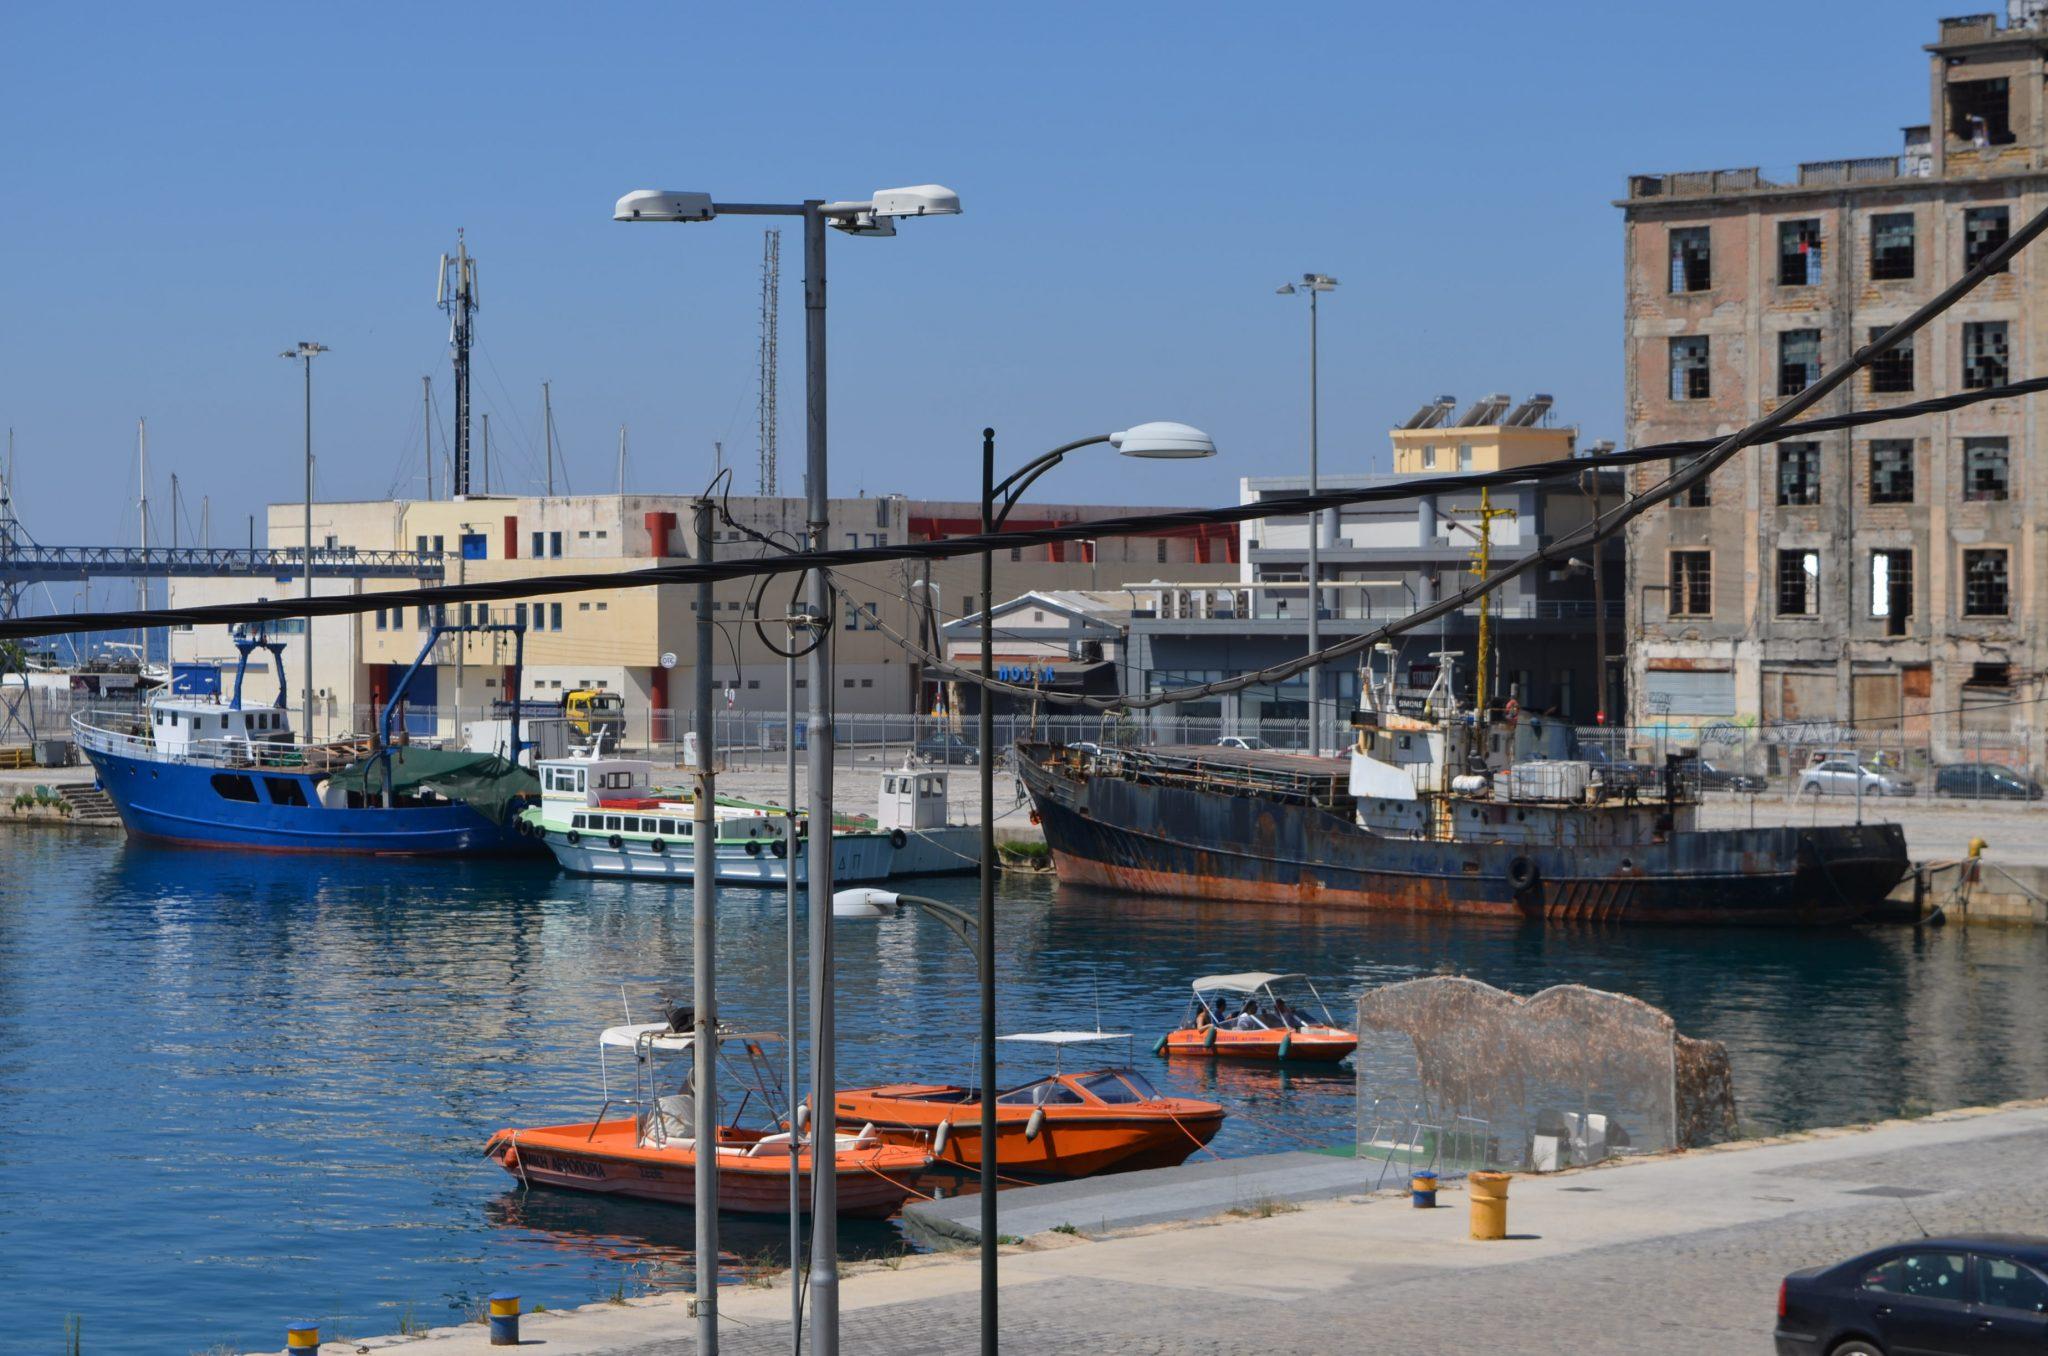 """Κουρουμπλής για λιμάνια: """"Προχωρούμε σε υποπαραχώρηση λιμενικών δραστηριοτήτων- 3,5% των εσόδων στους Δήμους"""